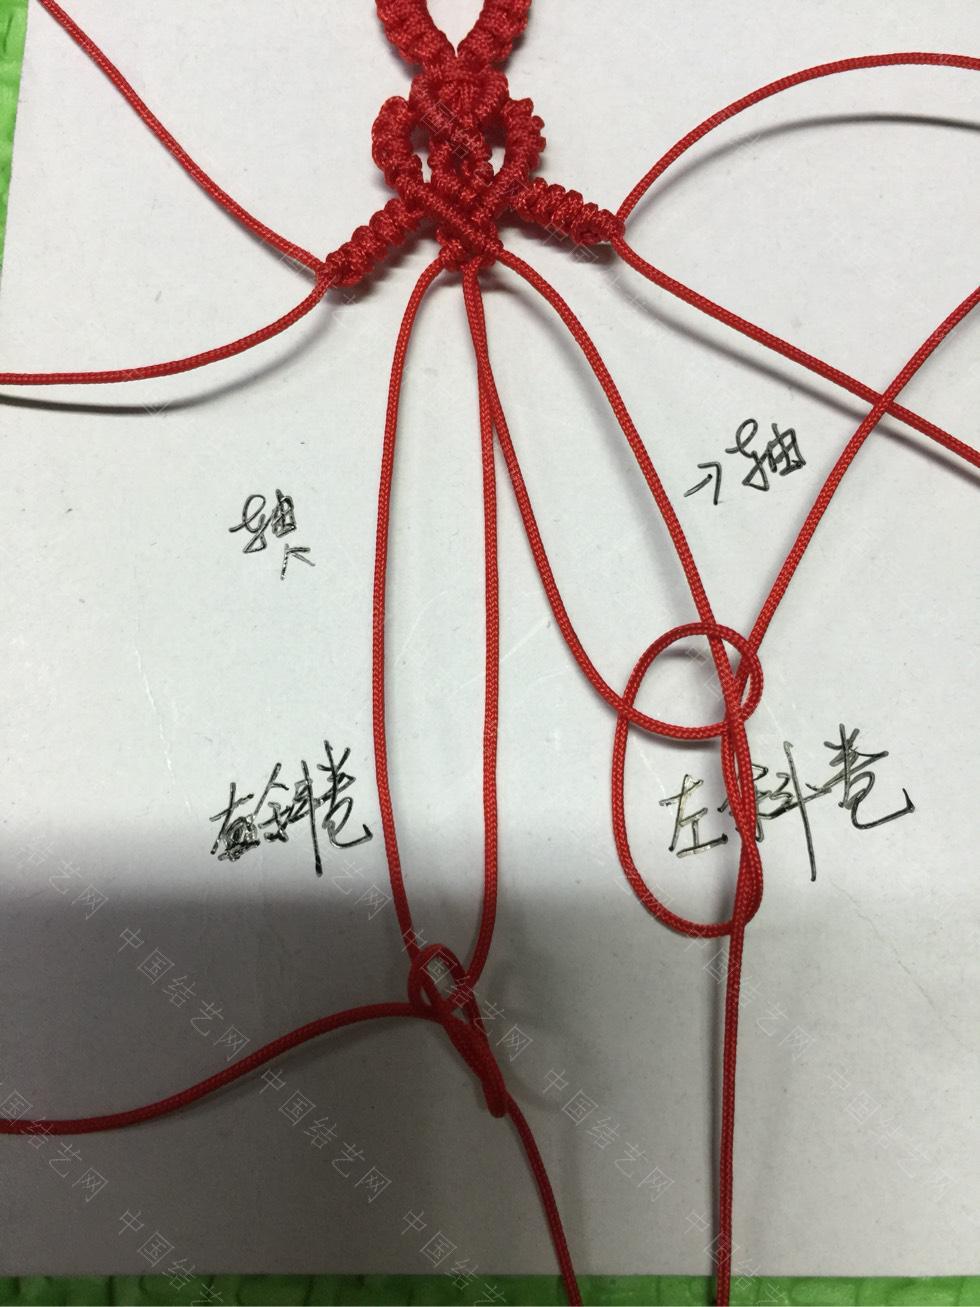 中国结论坛 心形手链  图文教程区 145955t2dh0gcazl9zhxxt